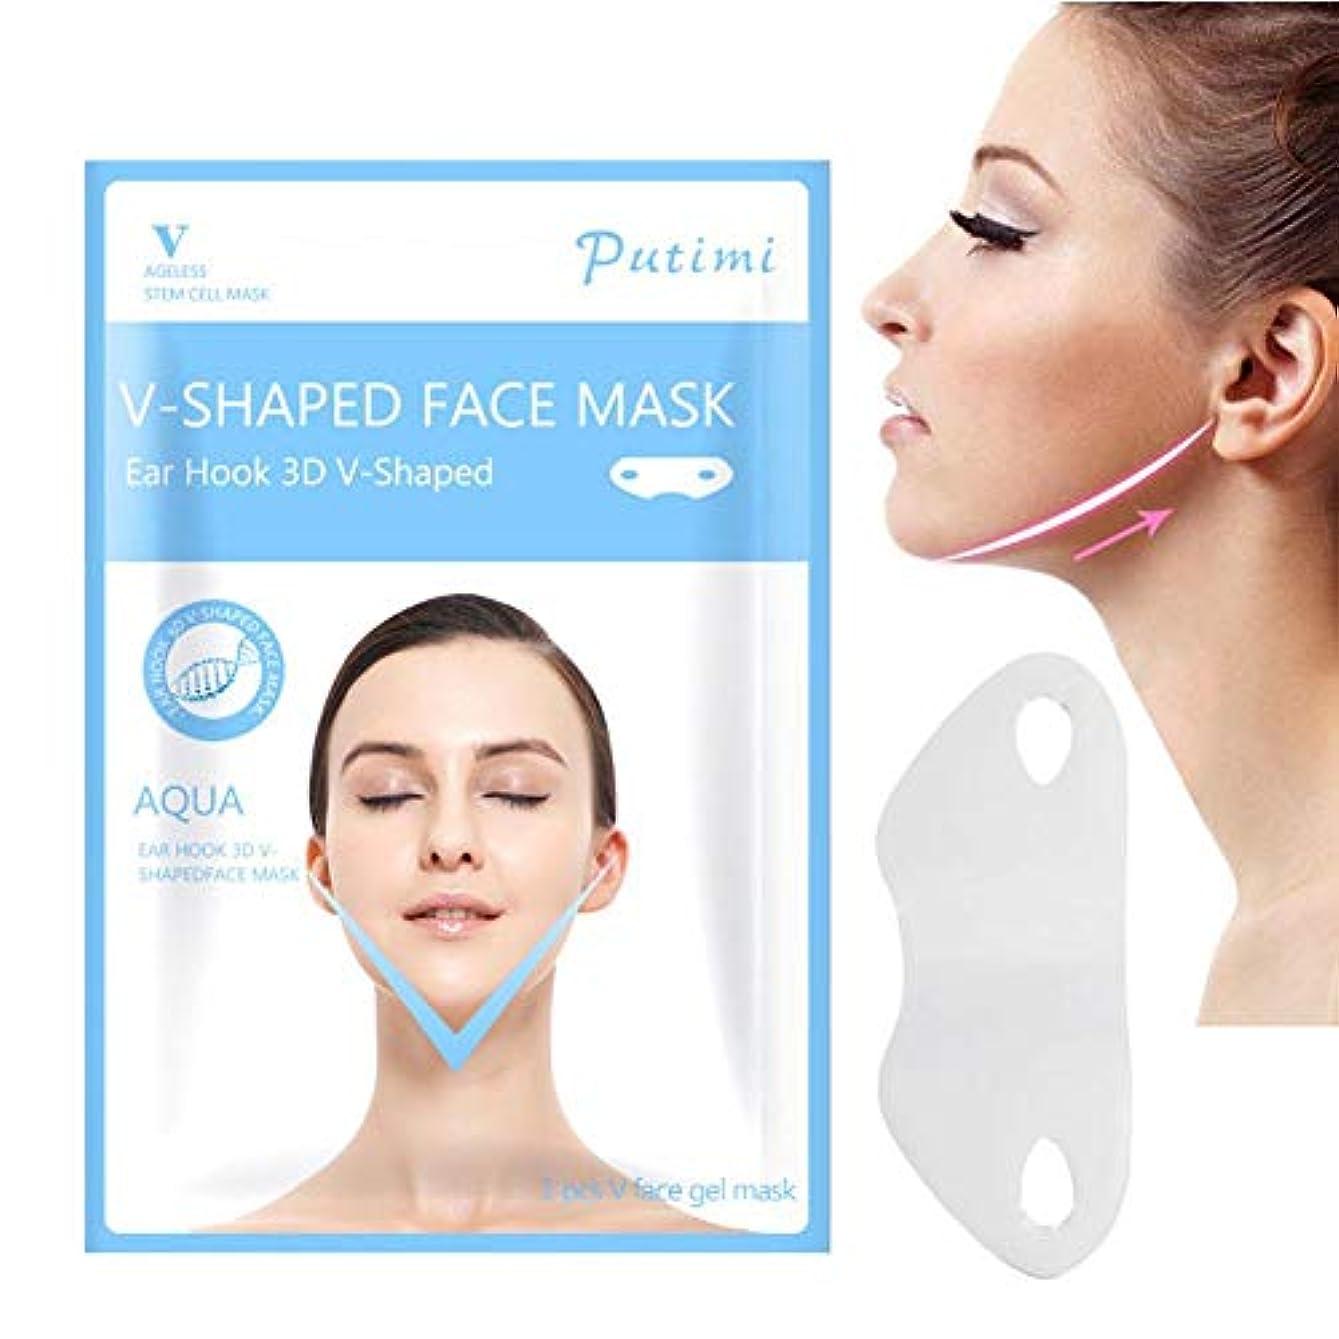 化学薬品慣れるインフレーションSILUN 最新型 Vフェイシャルマスク フェイスマスク 小顔 マスク フェイスラインベルト 美顔 顔痩せ 保湿 血行を促進する 睡眠マスク